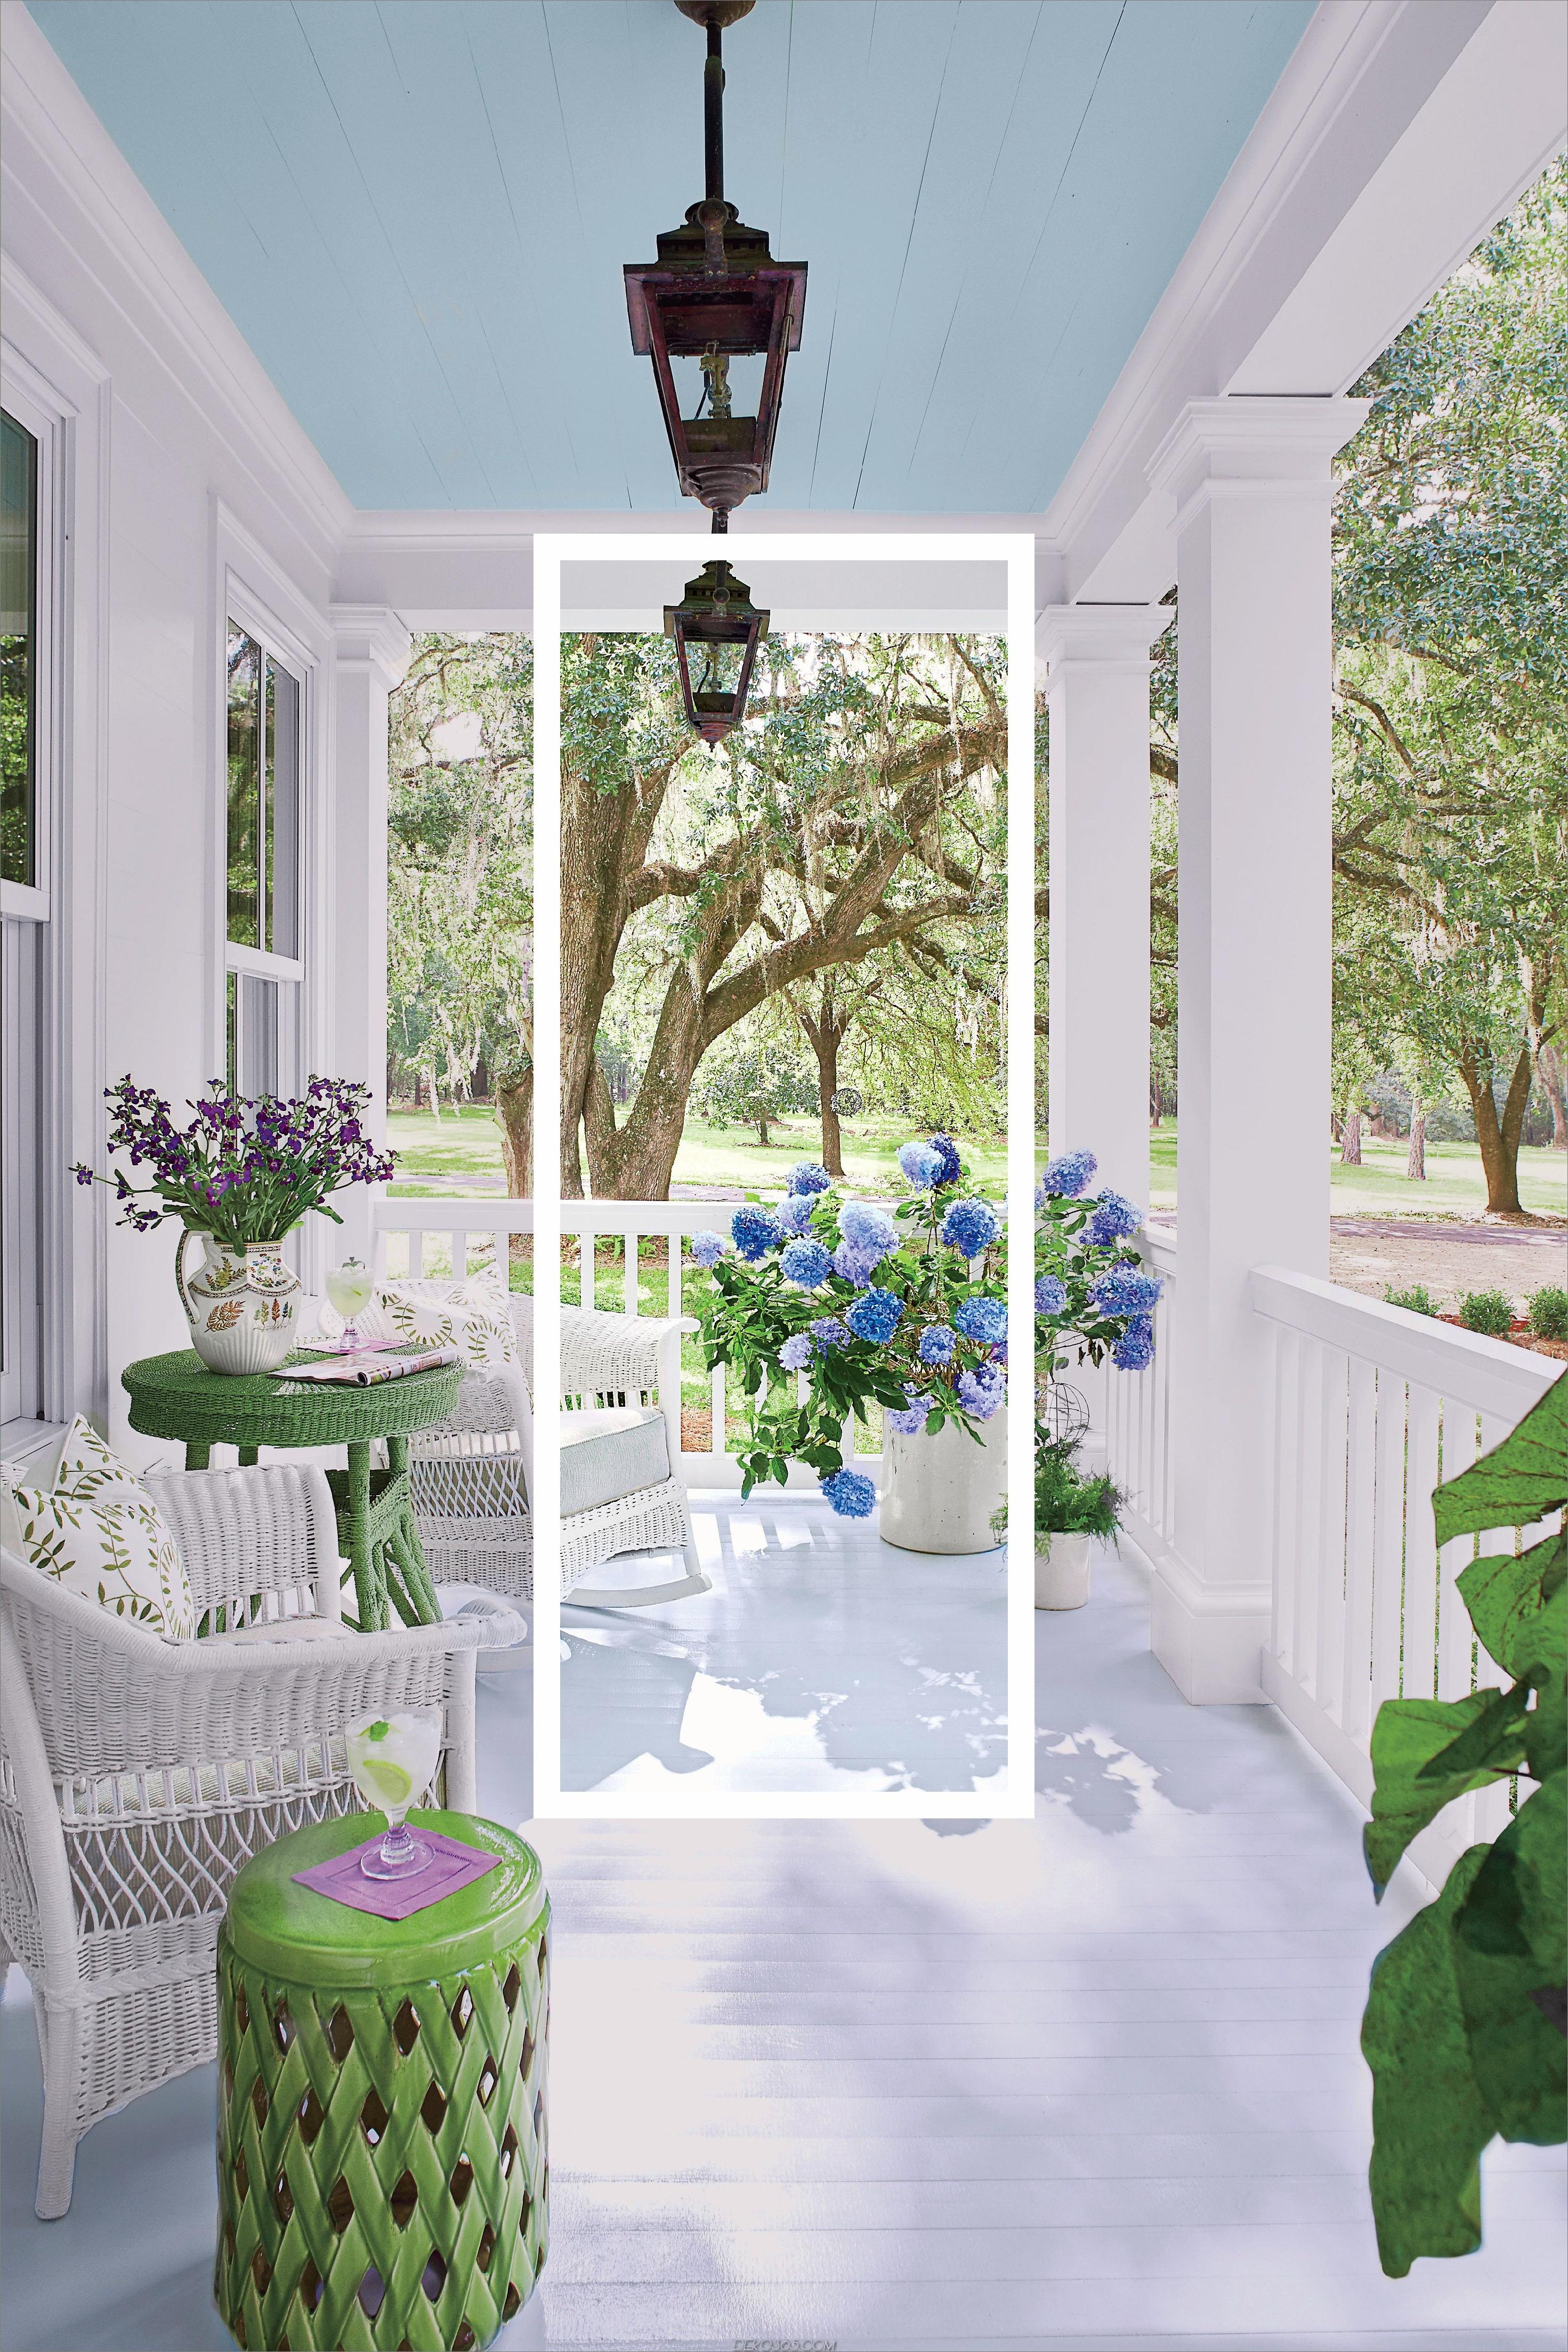 Licht und luftige Veranda Dekor 10 Möglichkeiten, um Ihren Veranda diesen Sommer zu dekorieren